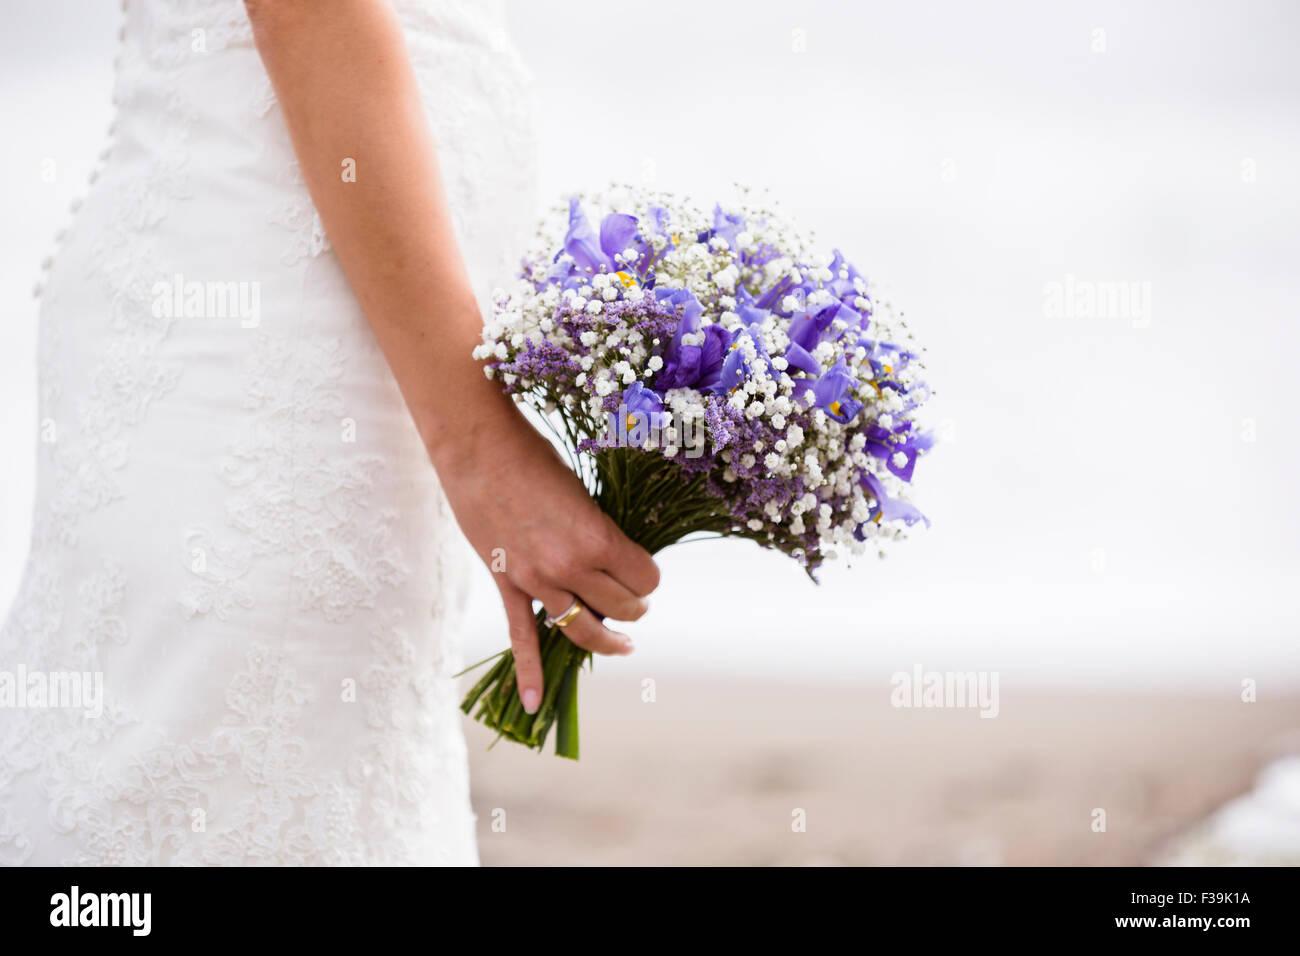 Nahaufnahme von einer Braut hält einen Blumenstrauß Stockbild